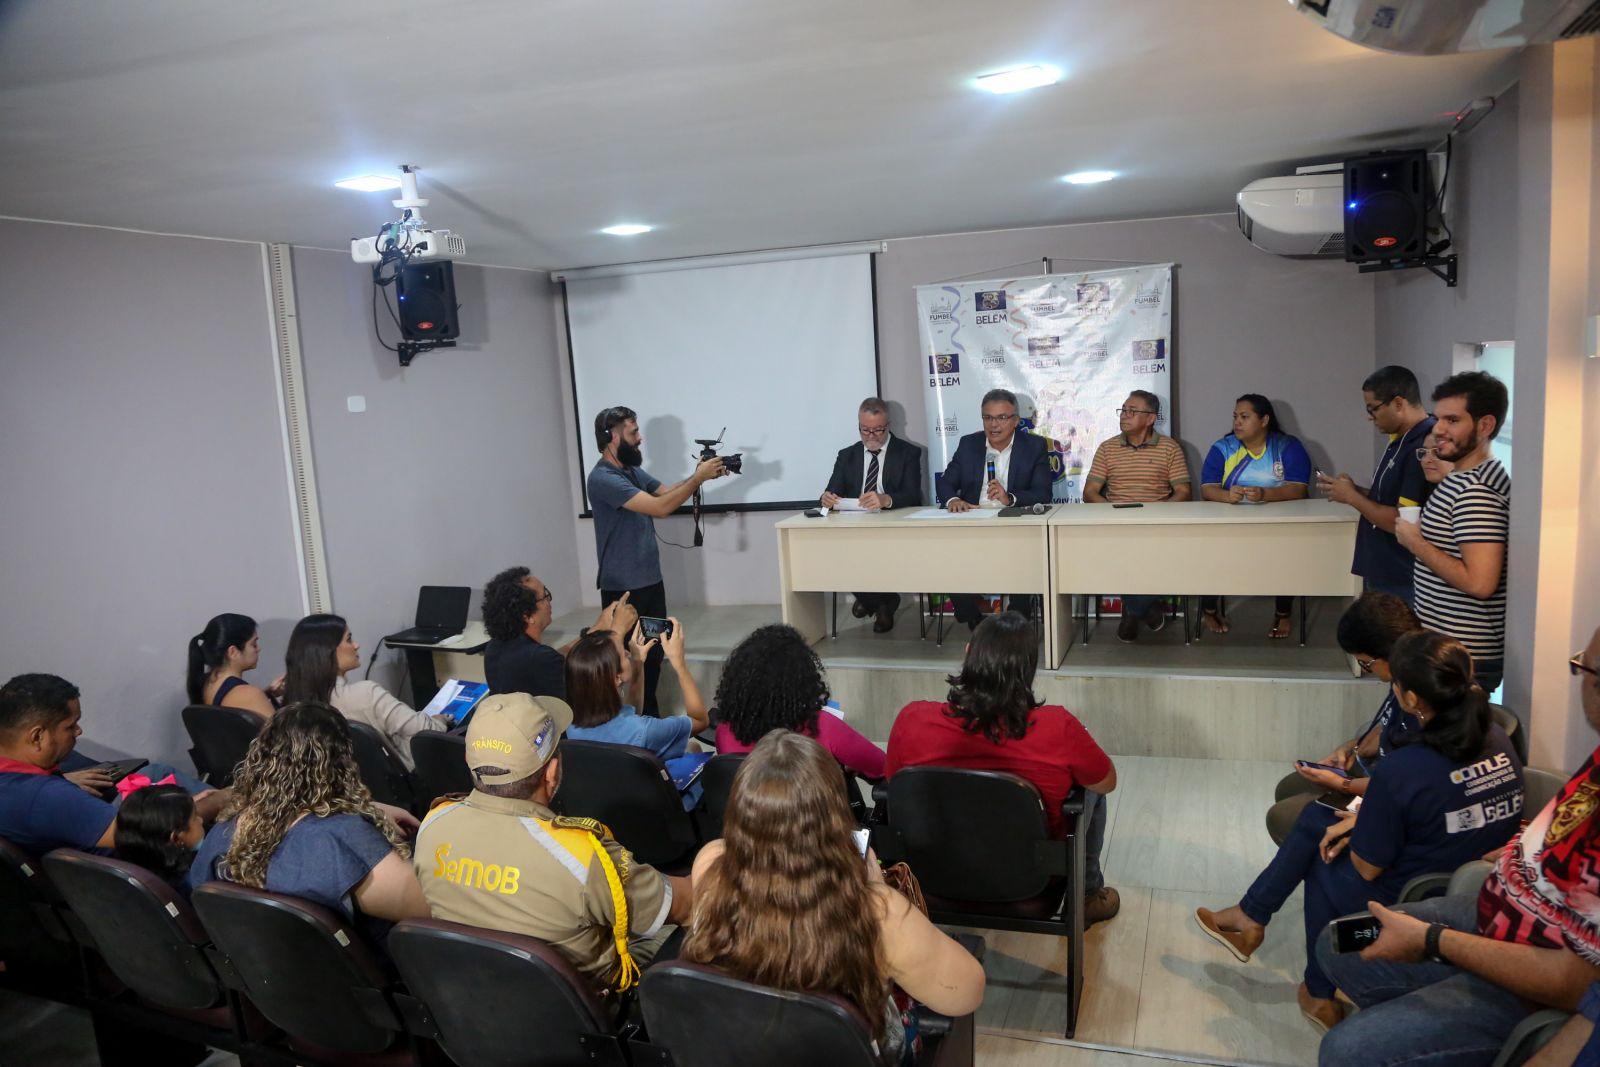 Durante a coletiva, o prefeito Zenaldo Coutinho falou da homenagem ao poeta Ruy Barata